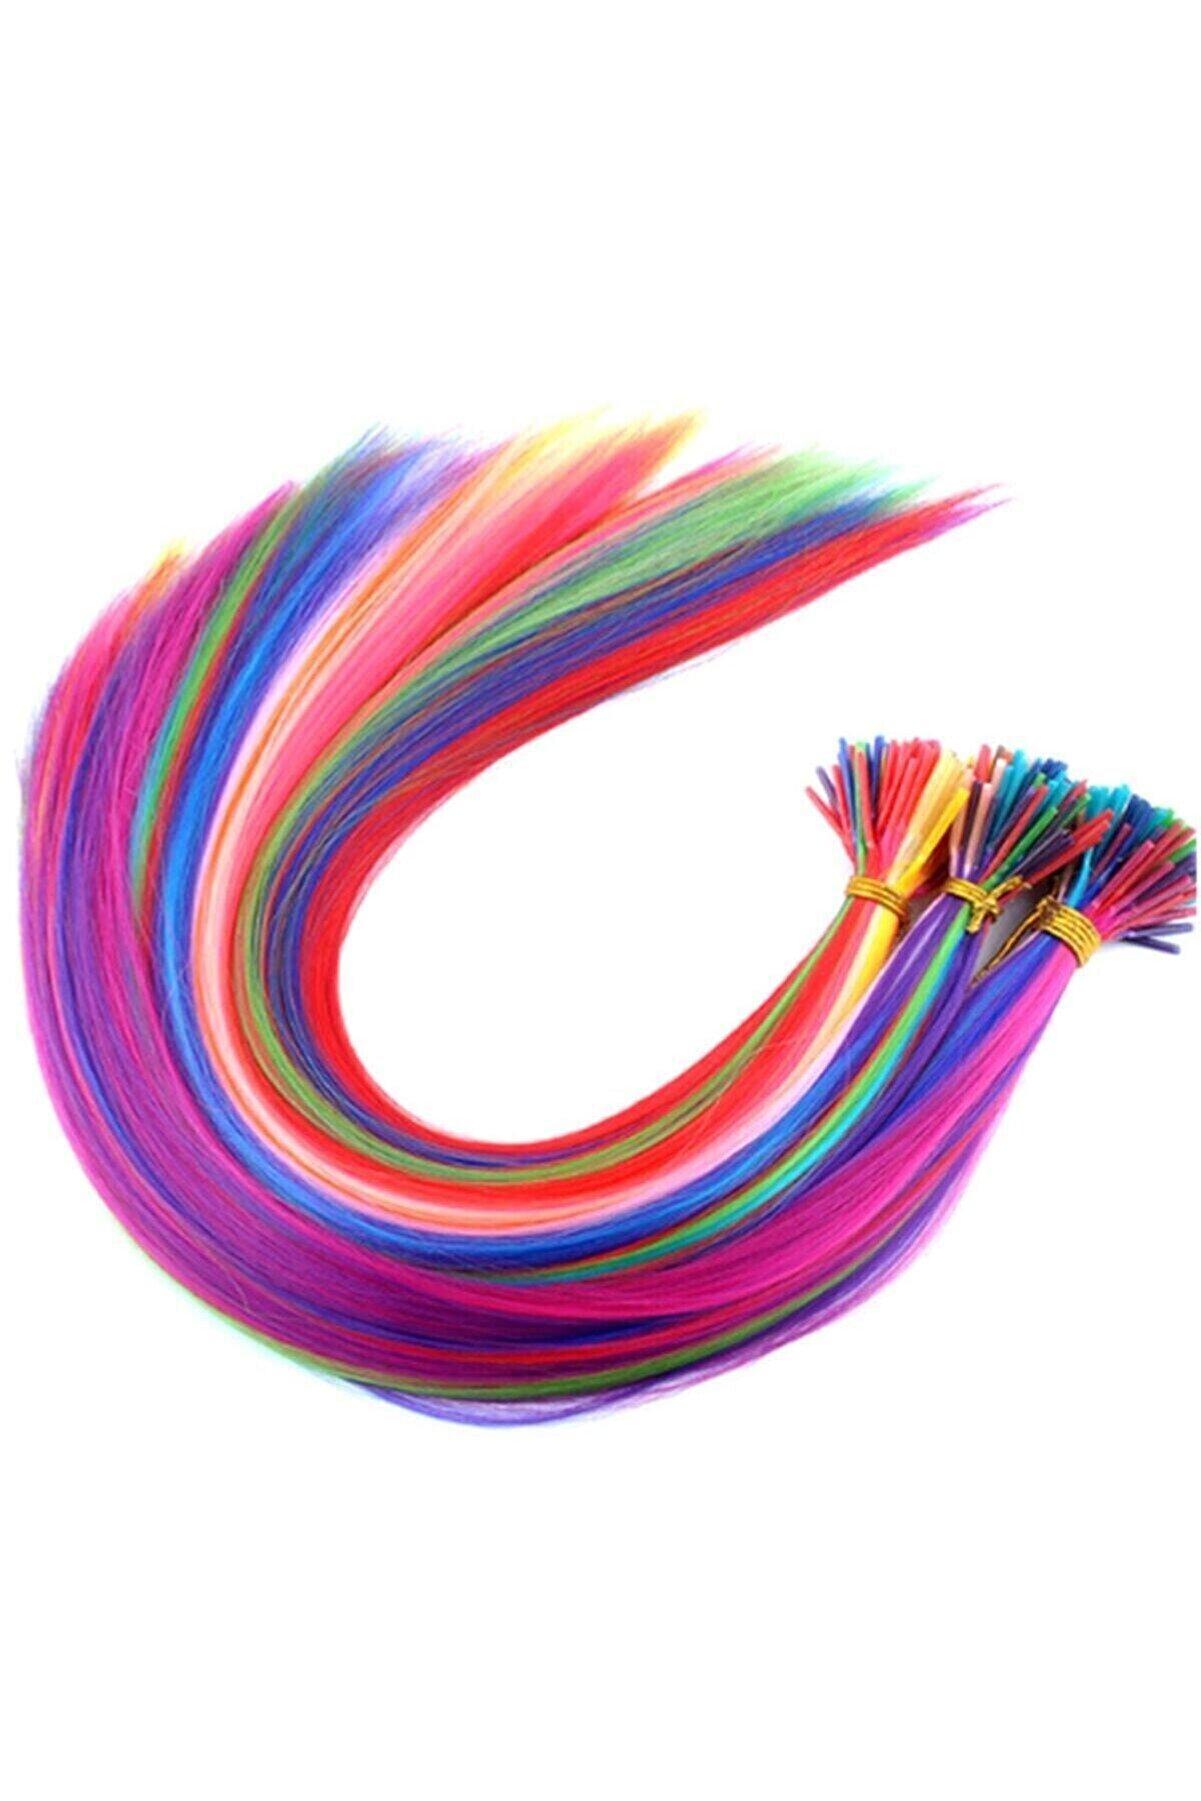 rüyam satış 20 Adet Karışık Renkli Kaynaklık Saç 50 Cm + Takım Aparatı Ve Boncuğu